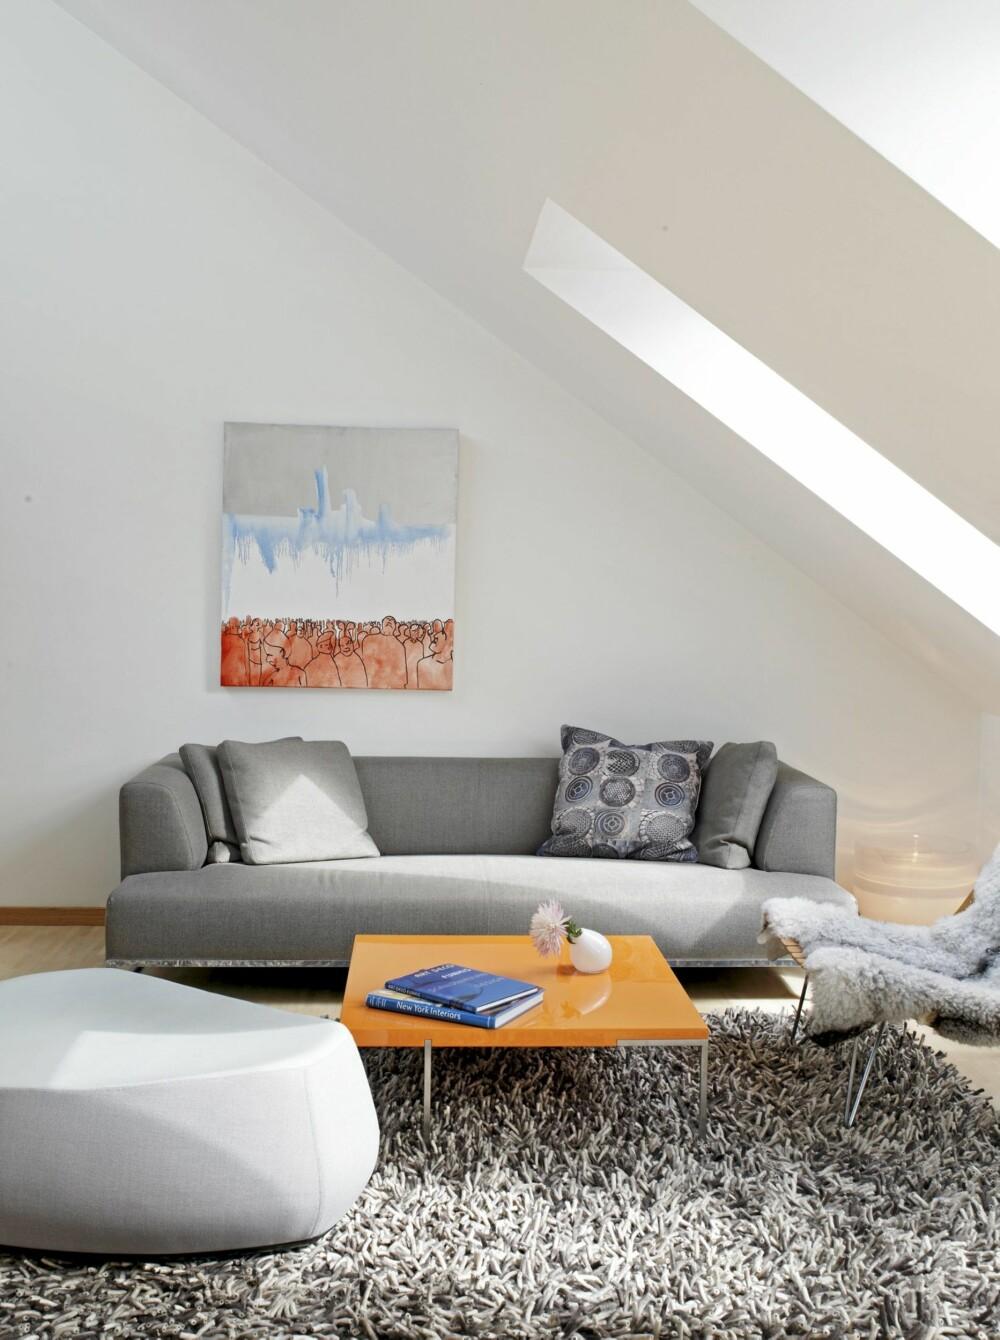 ENKELT MØBLERT: Stuen åpner seg mot allrommet og er innredet med få, men tydelige møbler. Sofaen er fra B & B Italia, bordet fra Floreani. Maleriet er et elevarbeid av en norsk kunststudent.